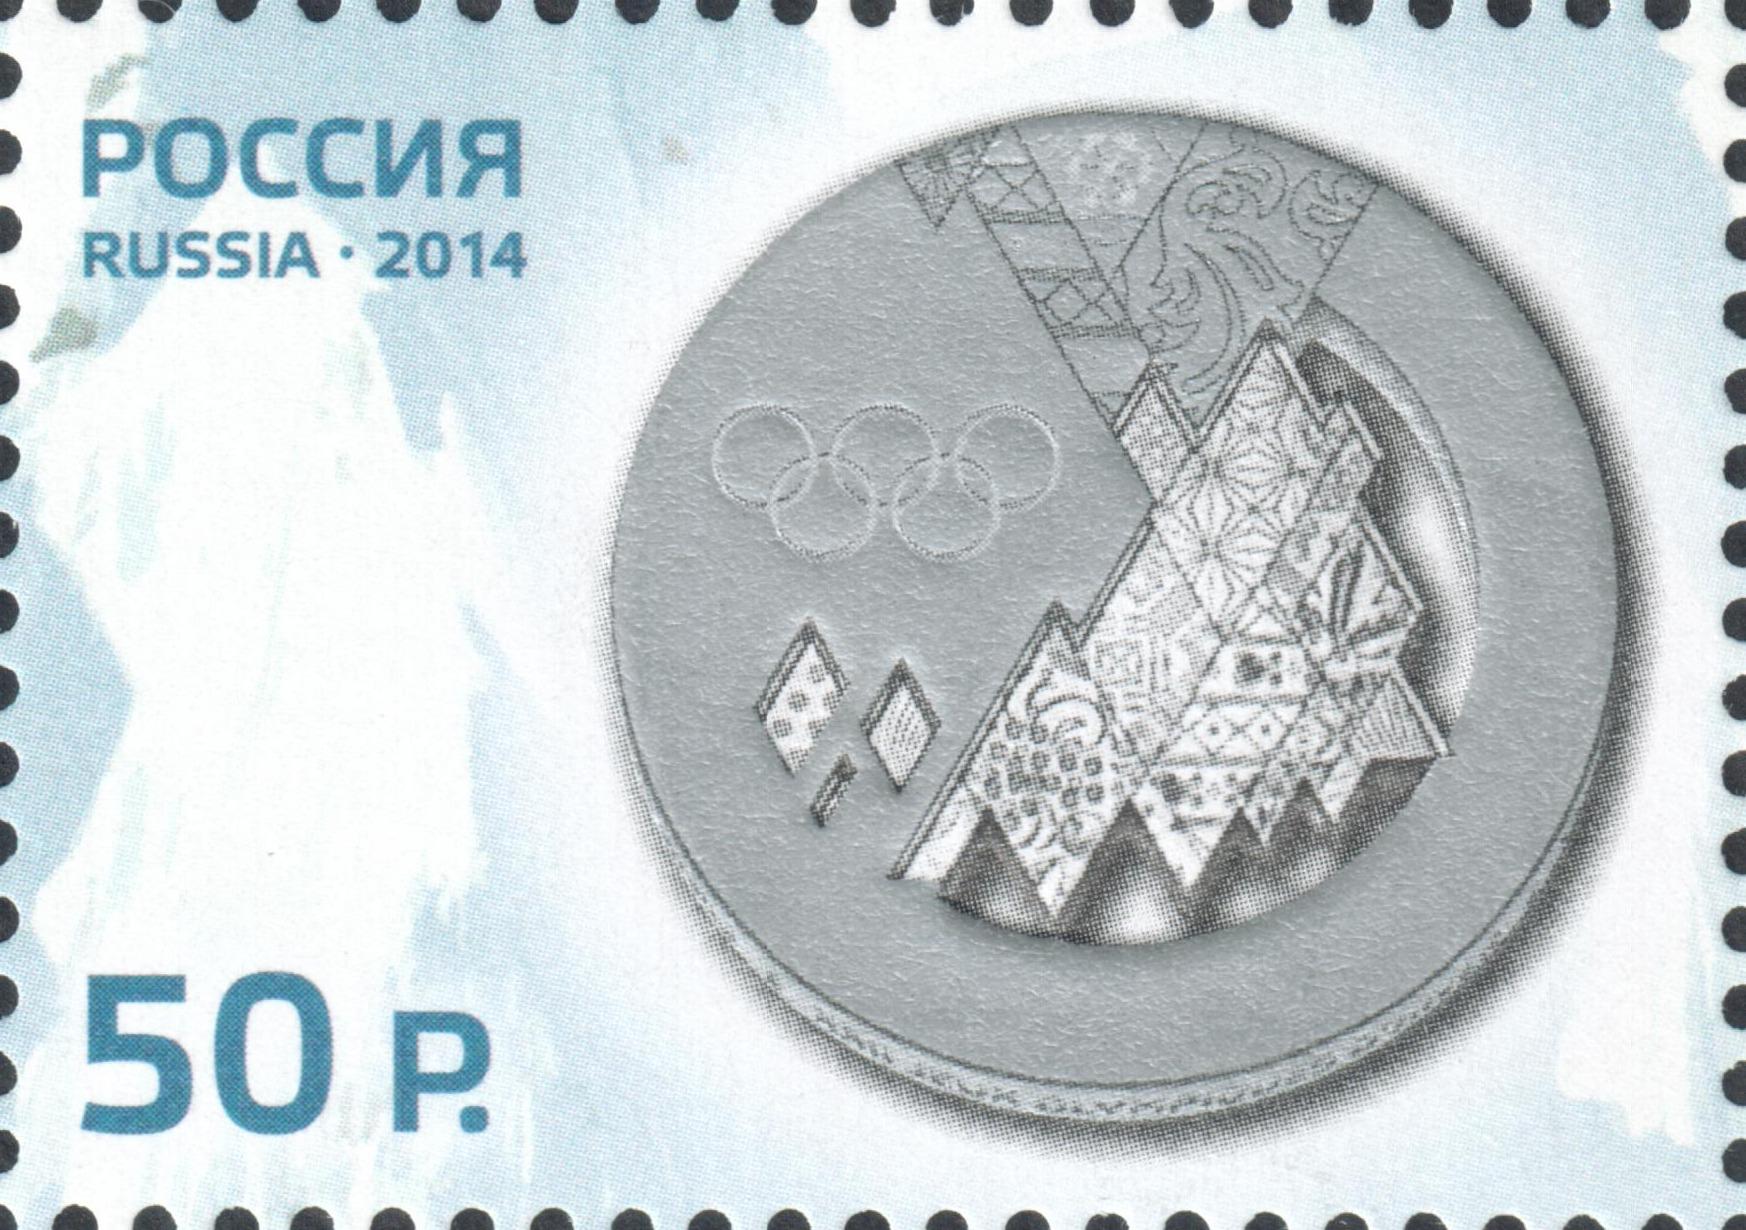 Серебряная медаль XXII Олимпийских зимних игр